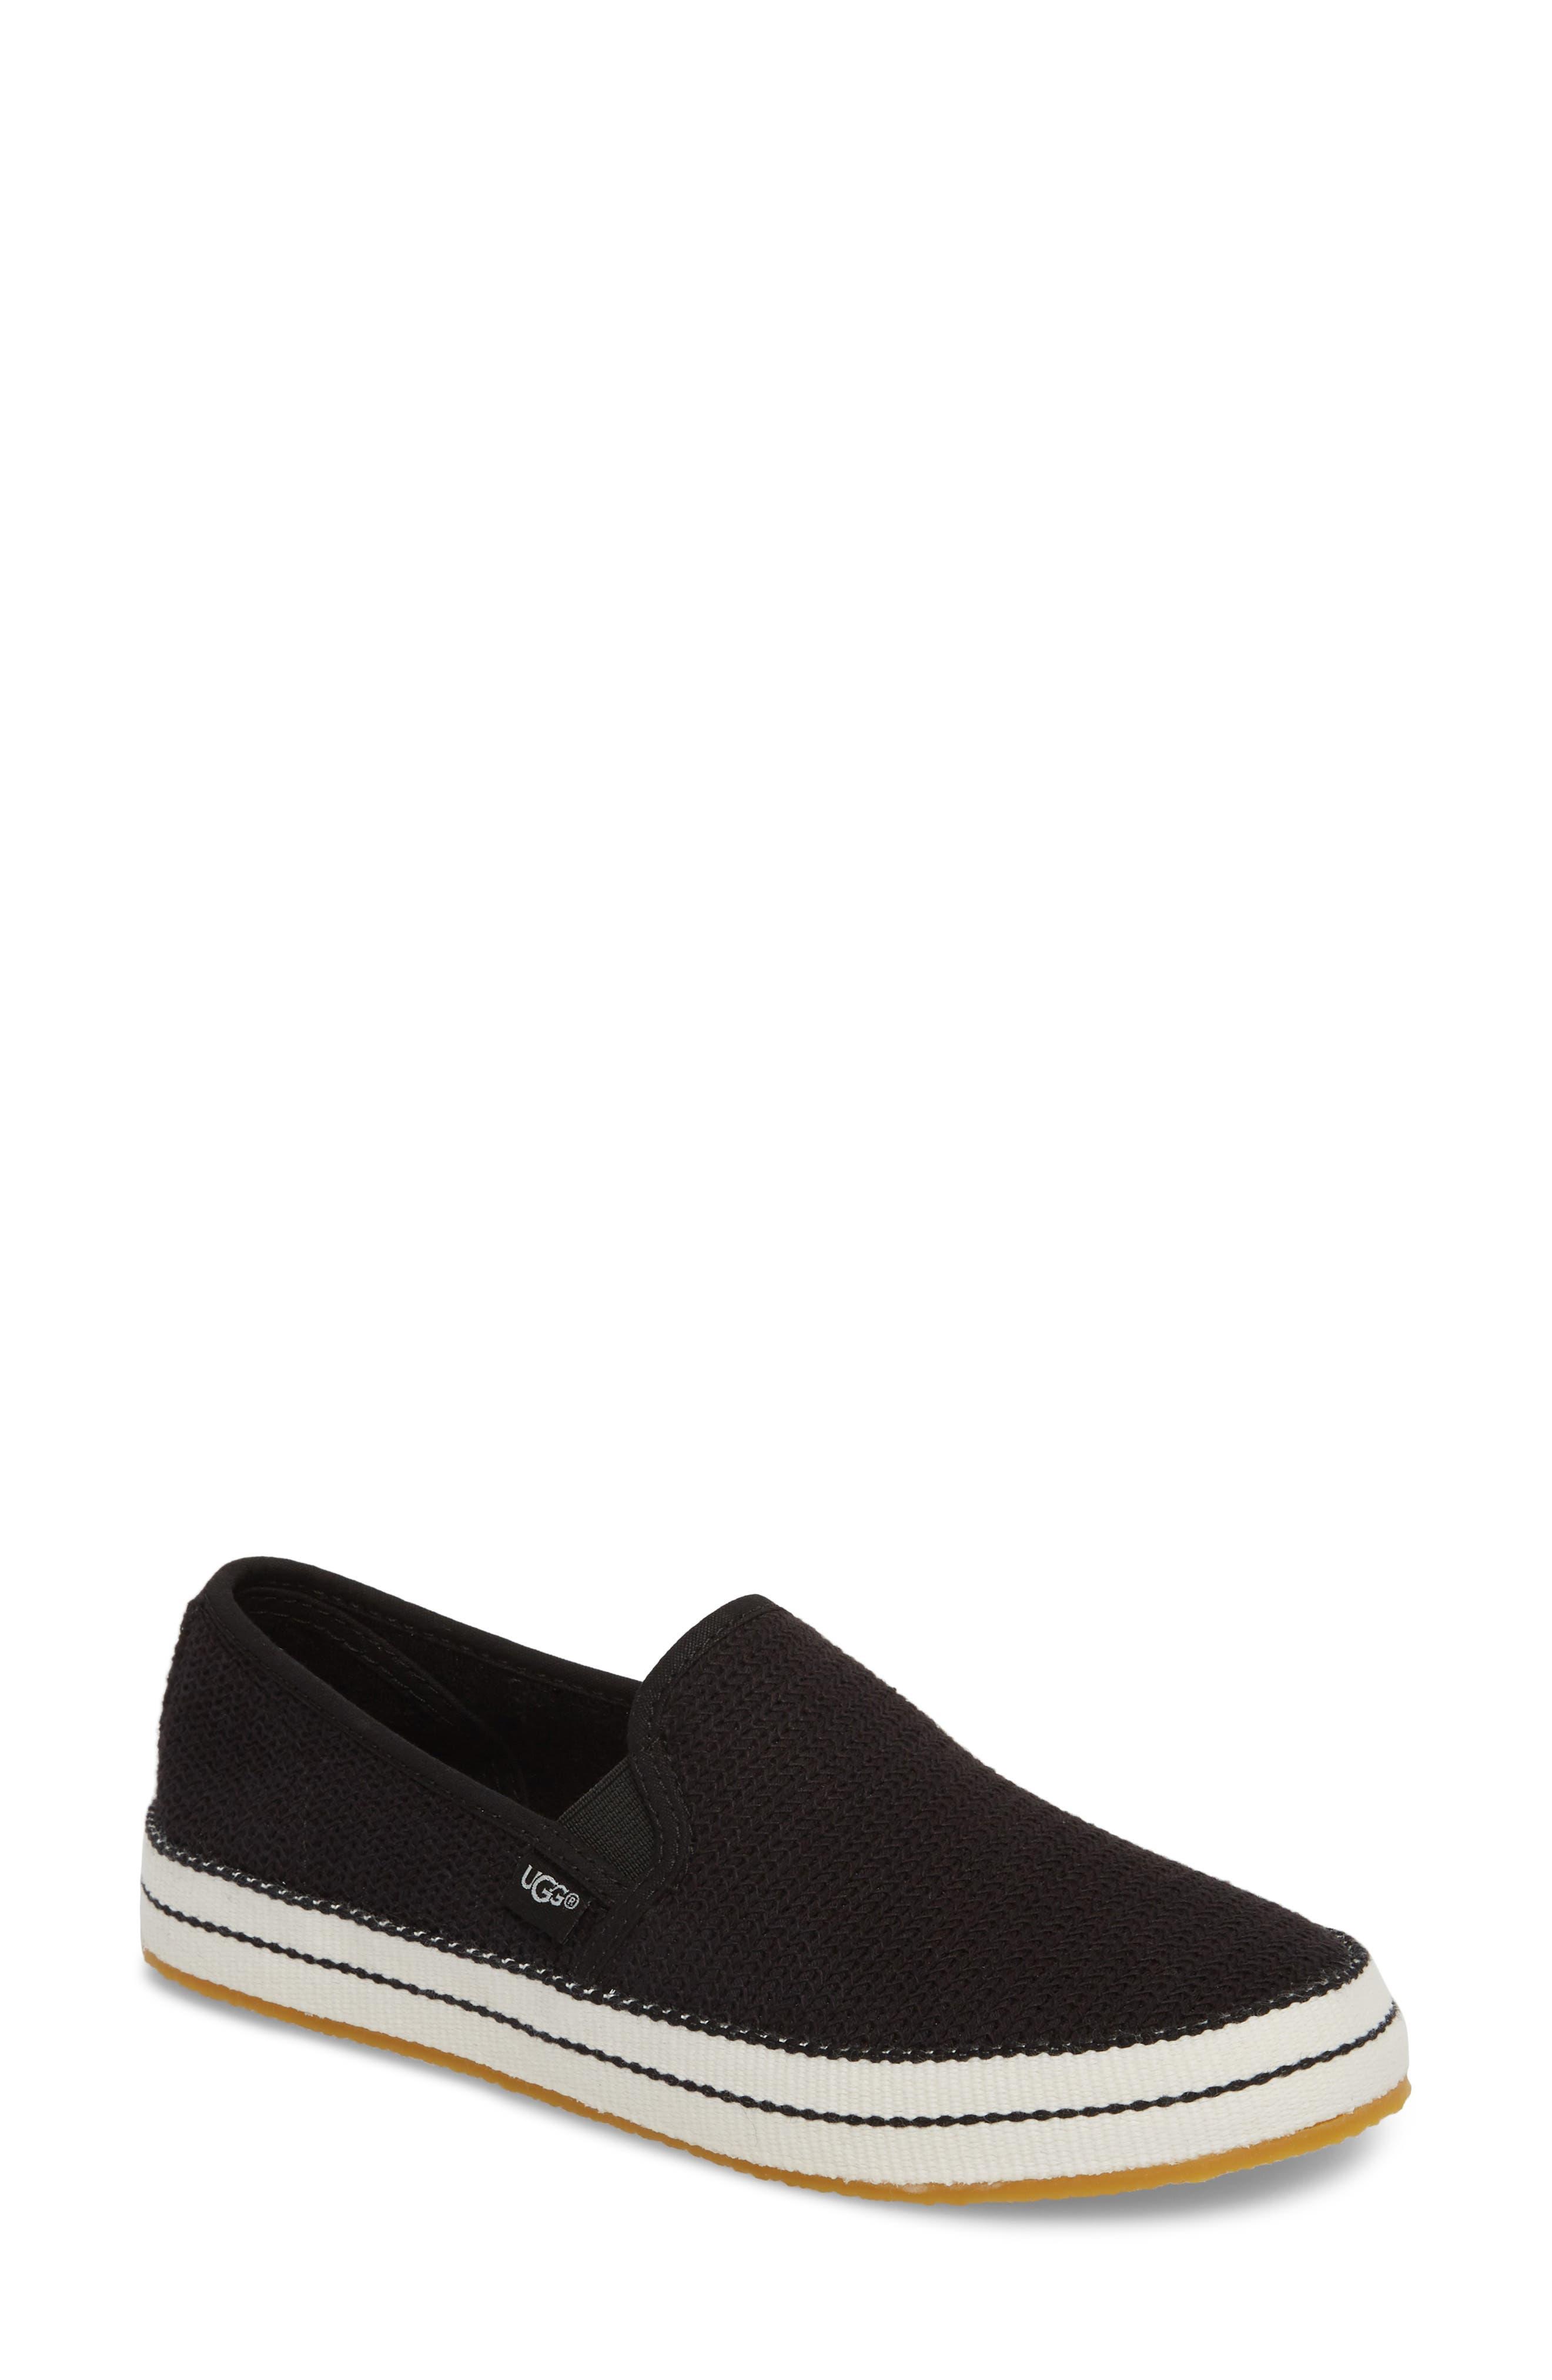 Bren Slip-On Sneaker,                         Main,                         color, BLACK